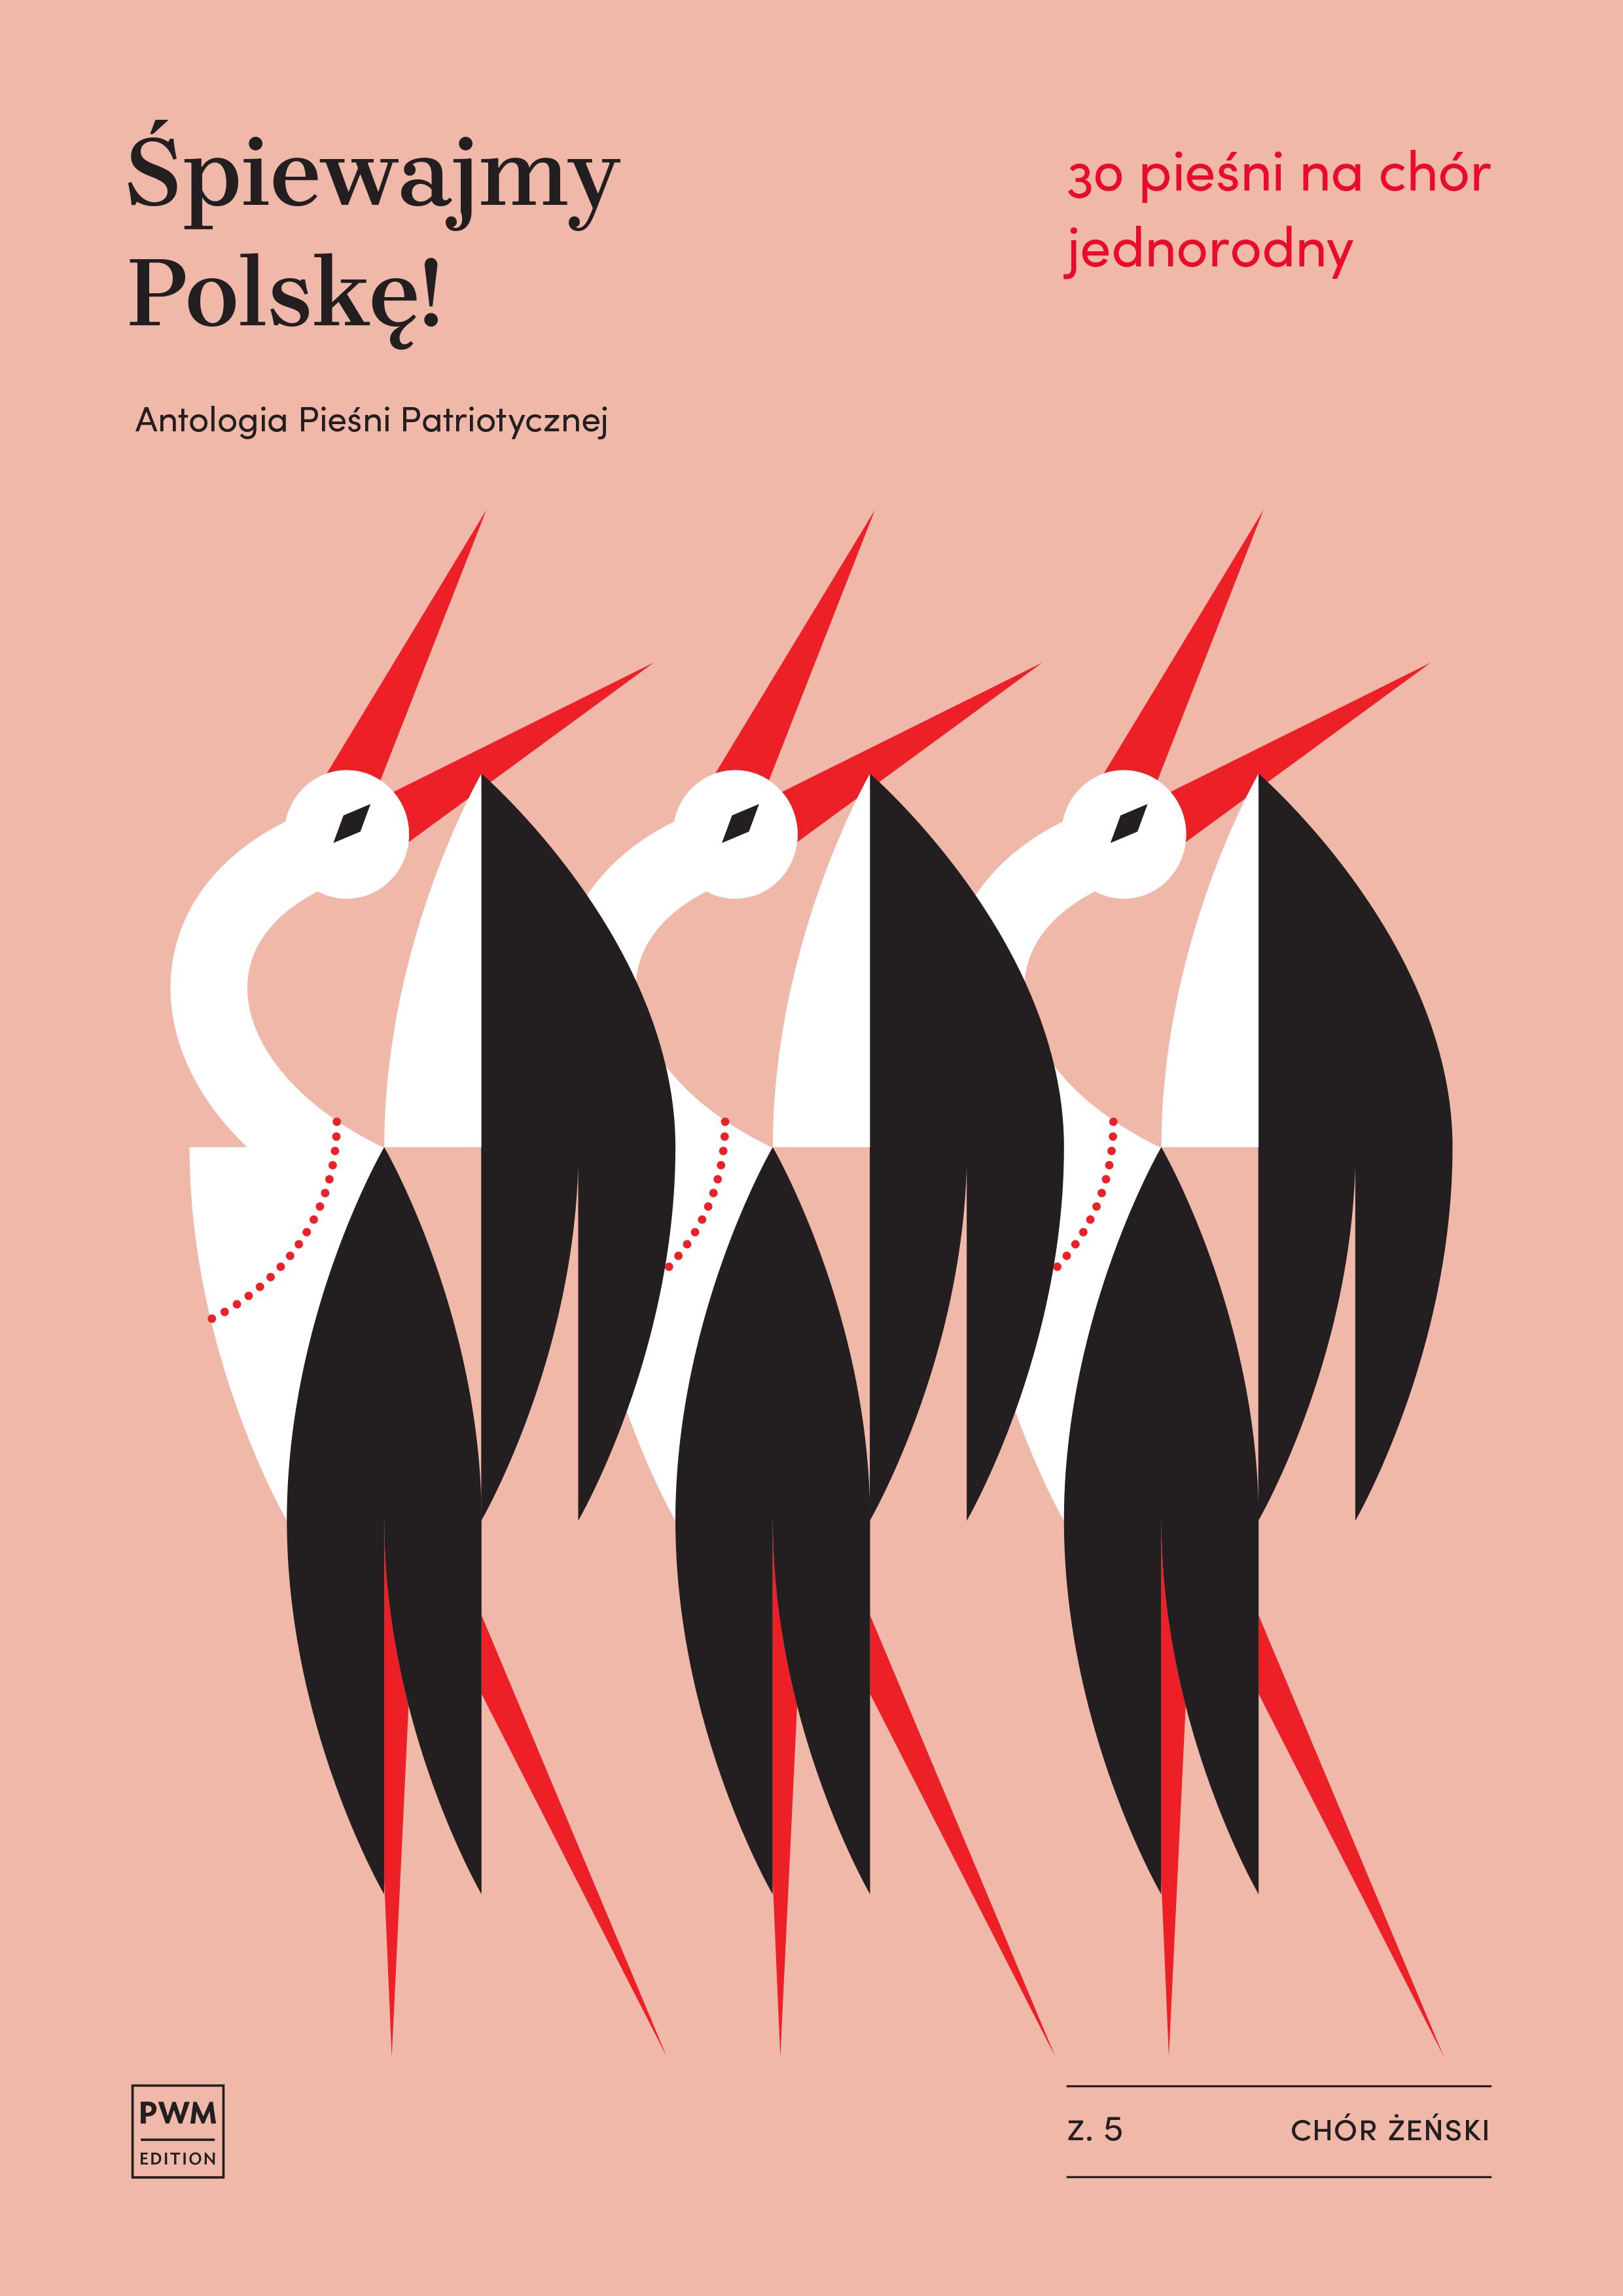 Śpiewajmy Polskę! 30 pieśni na chór jednorodny (chór żeński) z.5